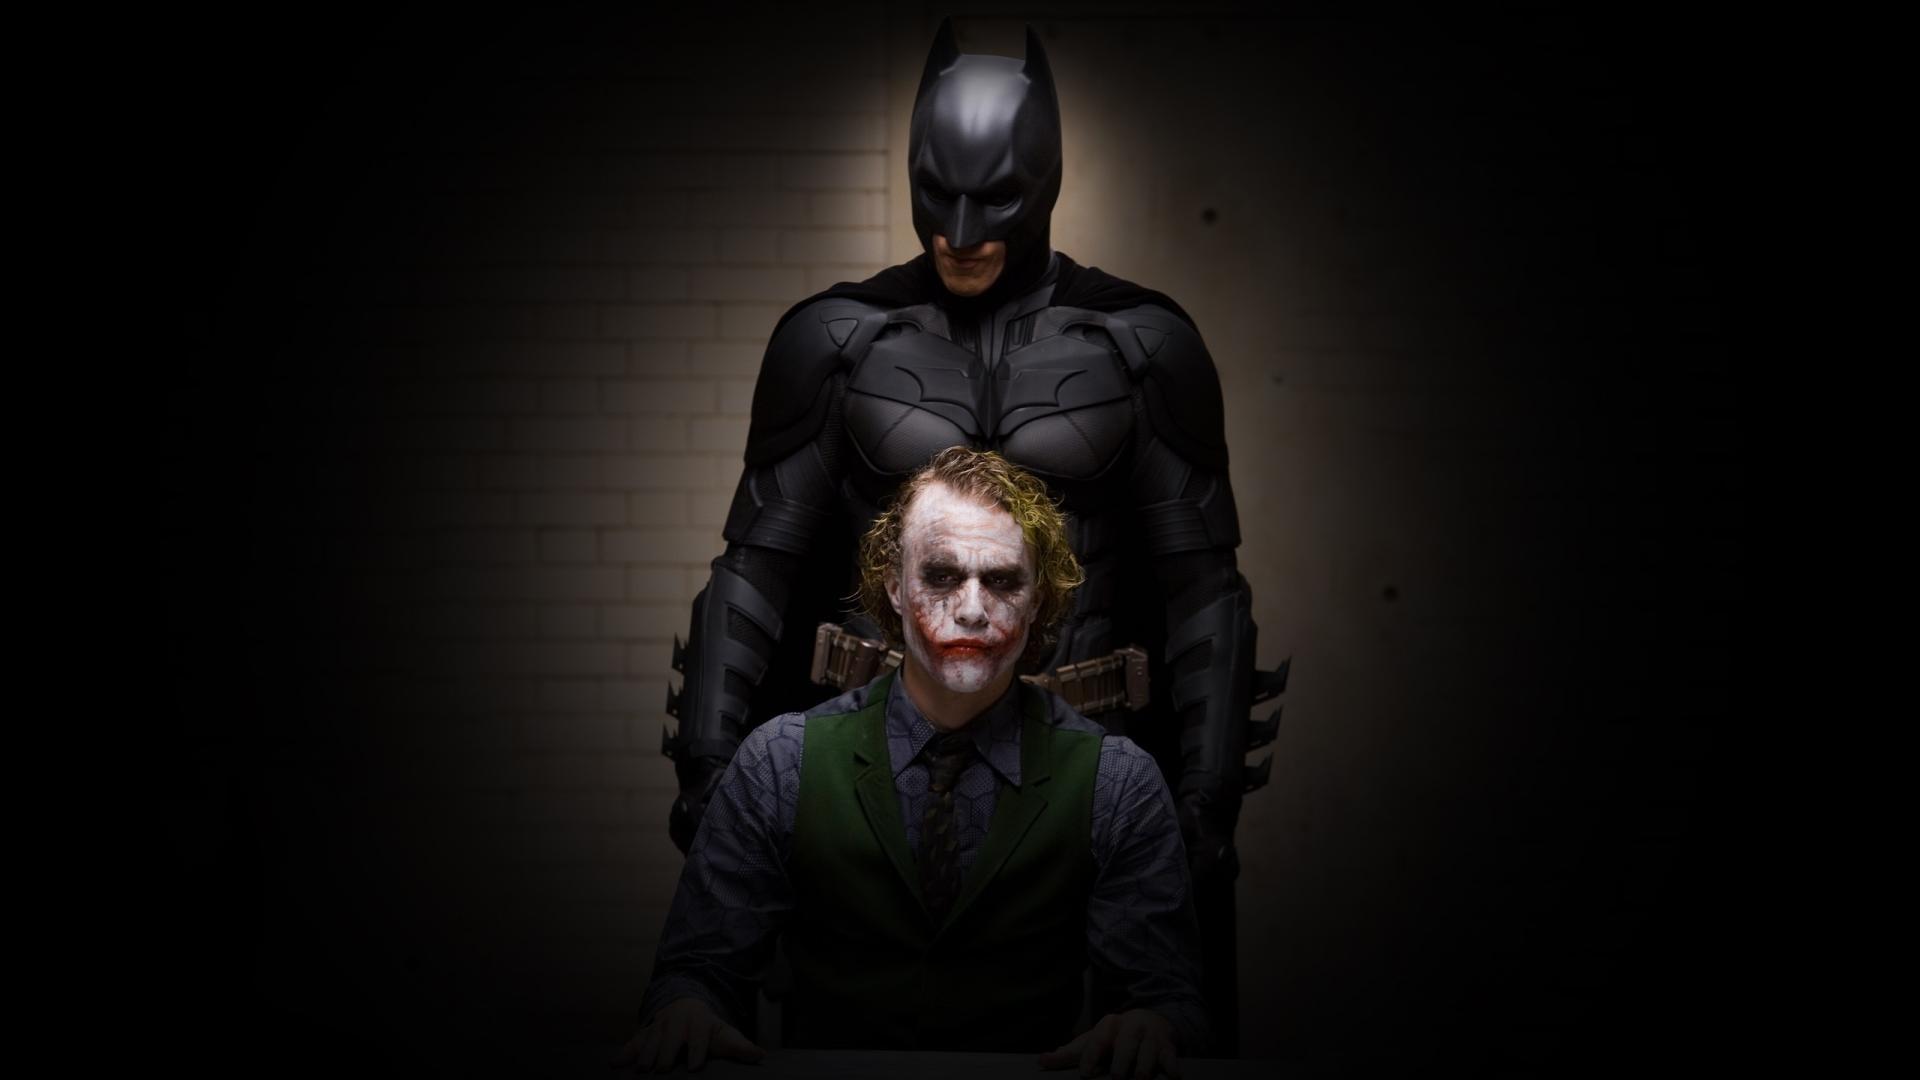 Batman Dark Knight Joker HD Wallpaper of Movie   hdwallpaper2013com 1920x1080